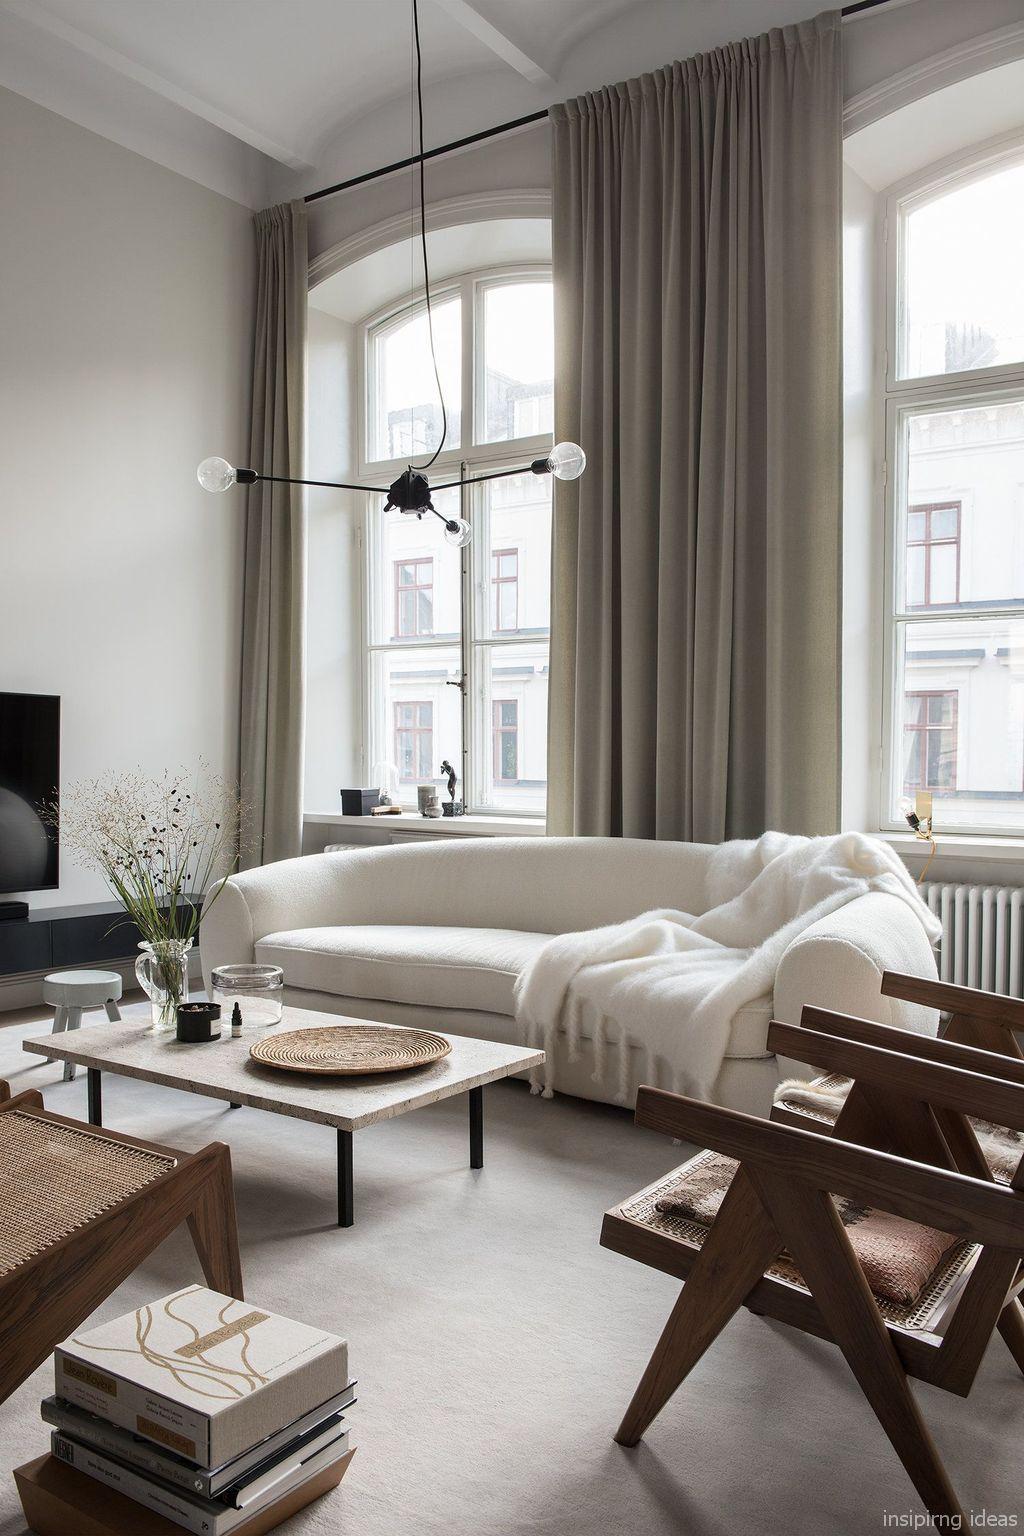 Wohnzimmer ideen nobles wohnzimmer schöne wohnzimmer kleine wohnzimmer wohnzimmer modern wohnzimmerentwürfe